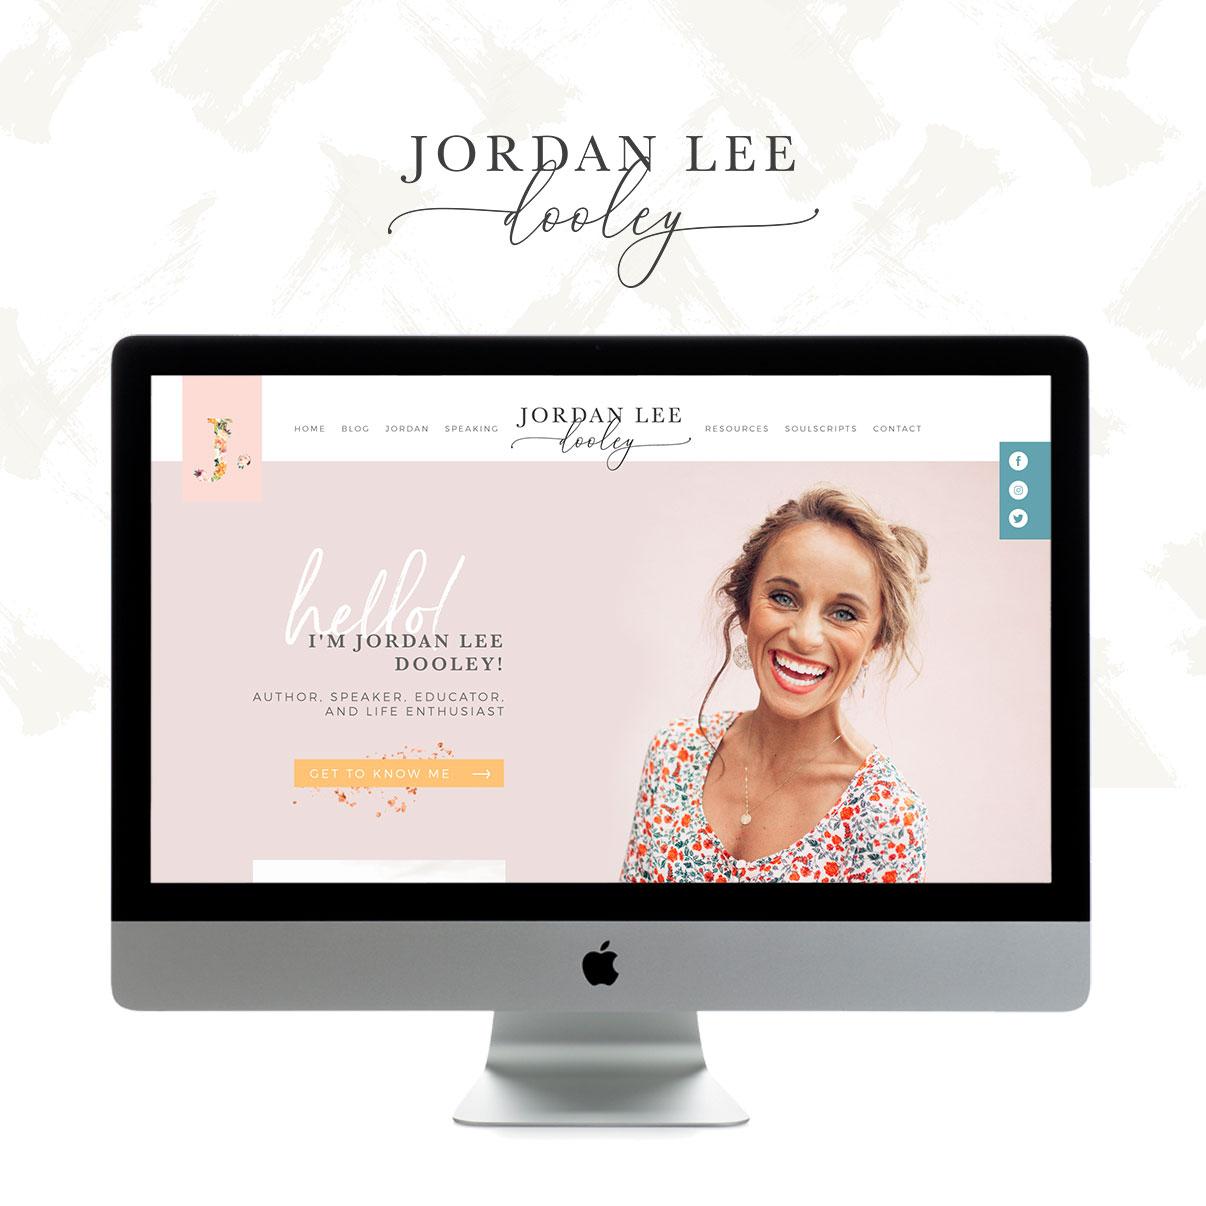 JordanLeeDooley_websitelaunchtemplate2.jpg